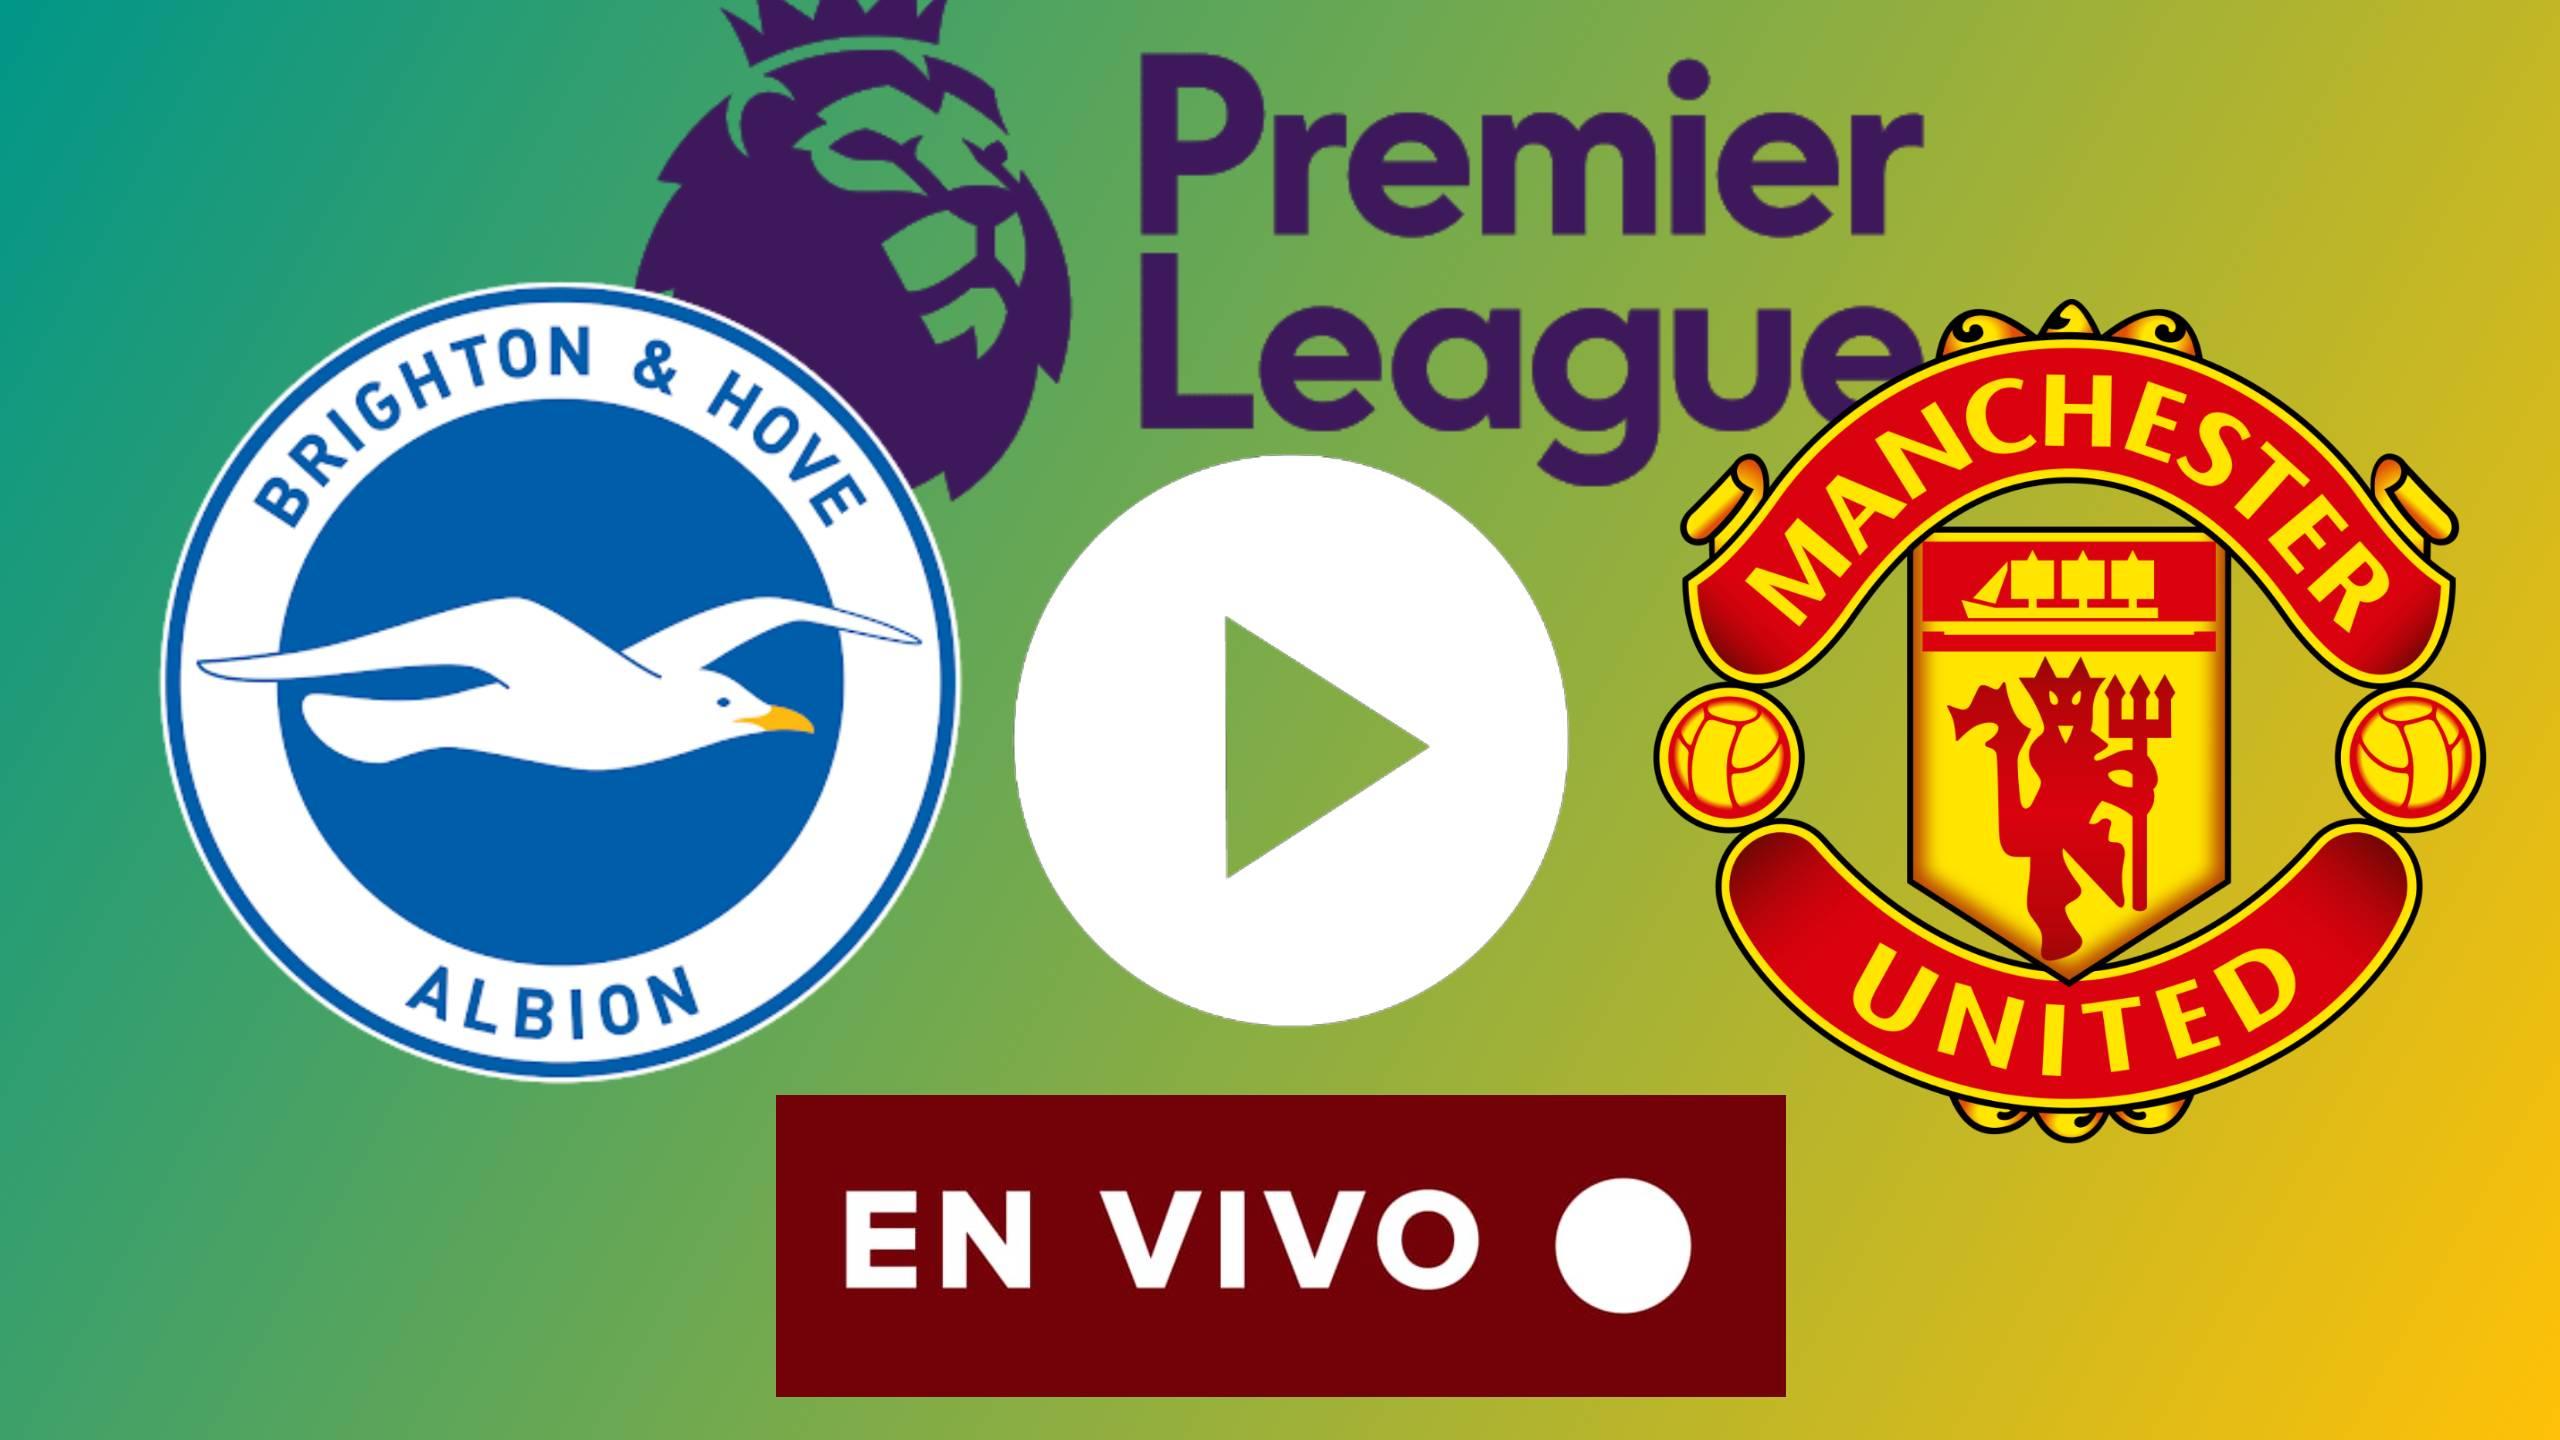 EN DIRECTO Brighton & Hove Albion vs. Manchester United EN VIVO ONLINE: predicción, noticias del equipo, alineaciones 2020